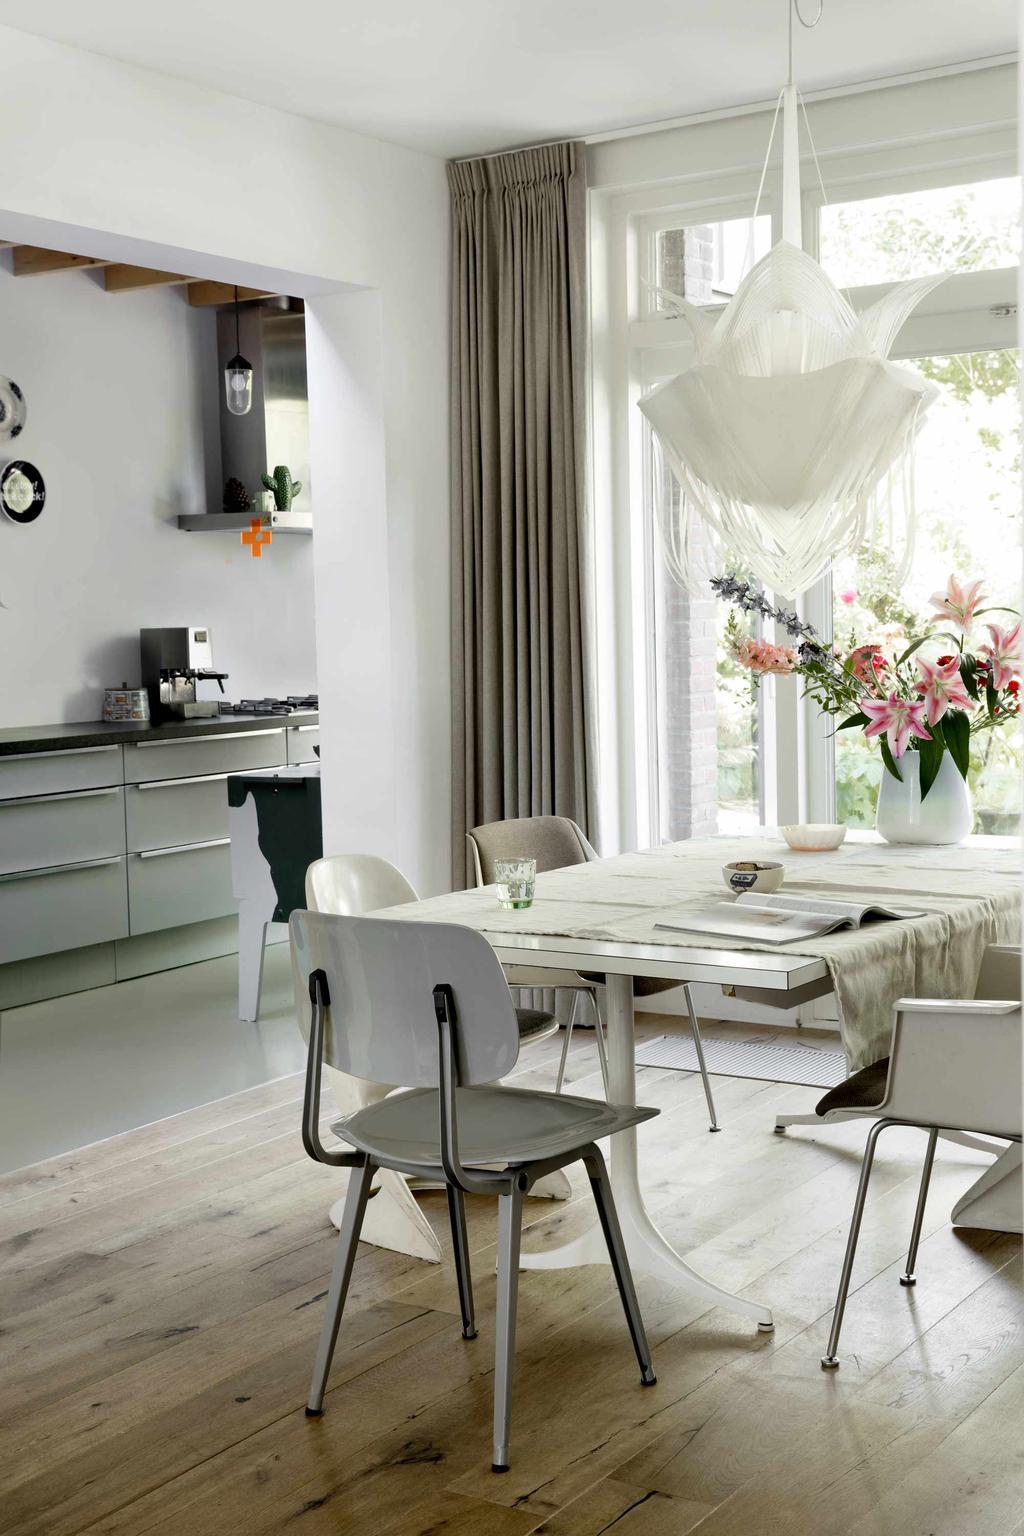 Eetkamer witte tafel met bloemen